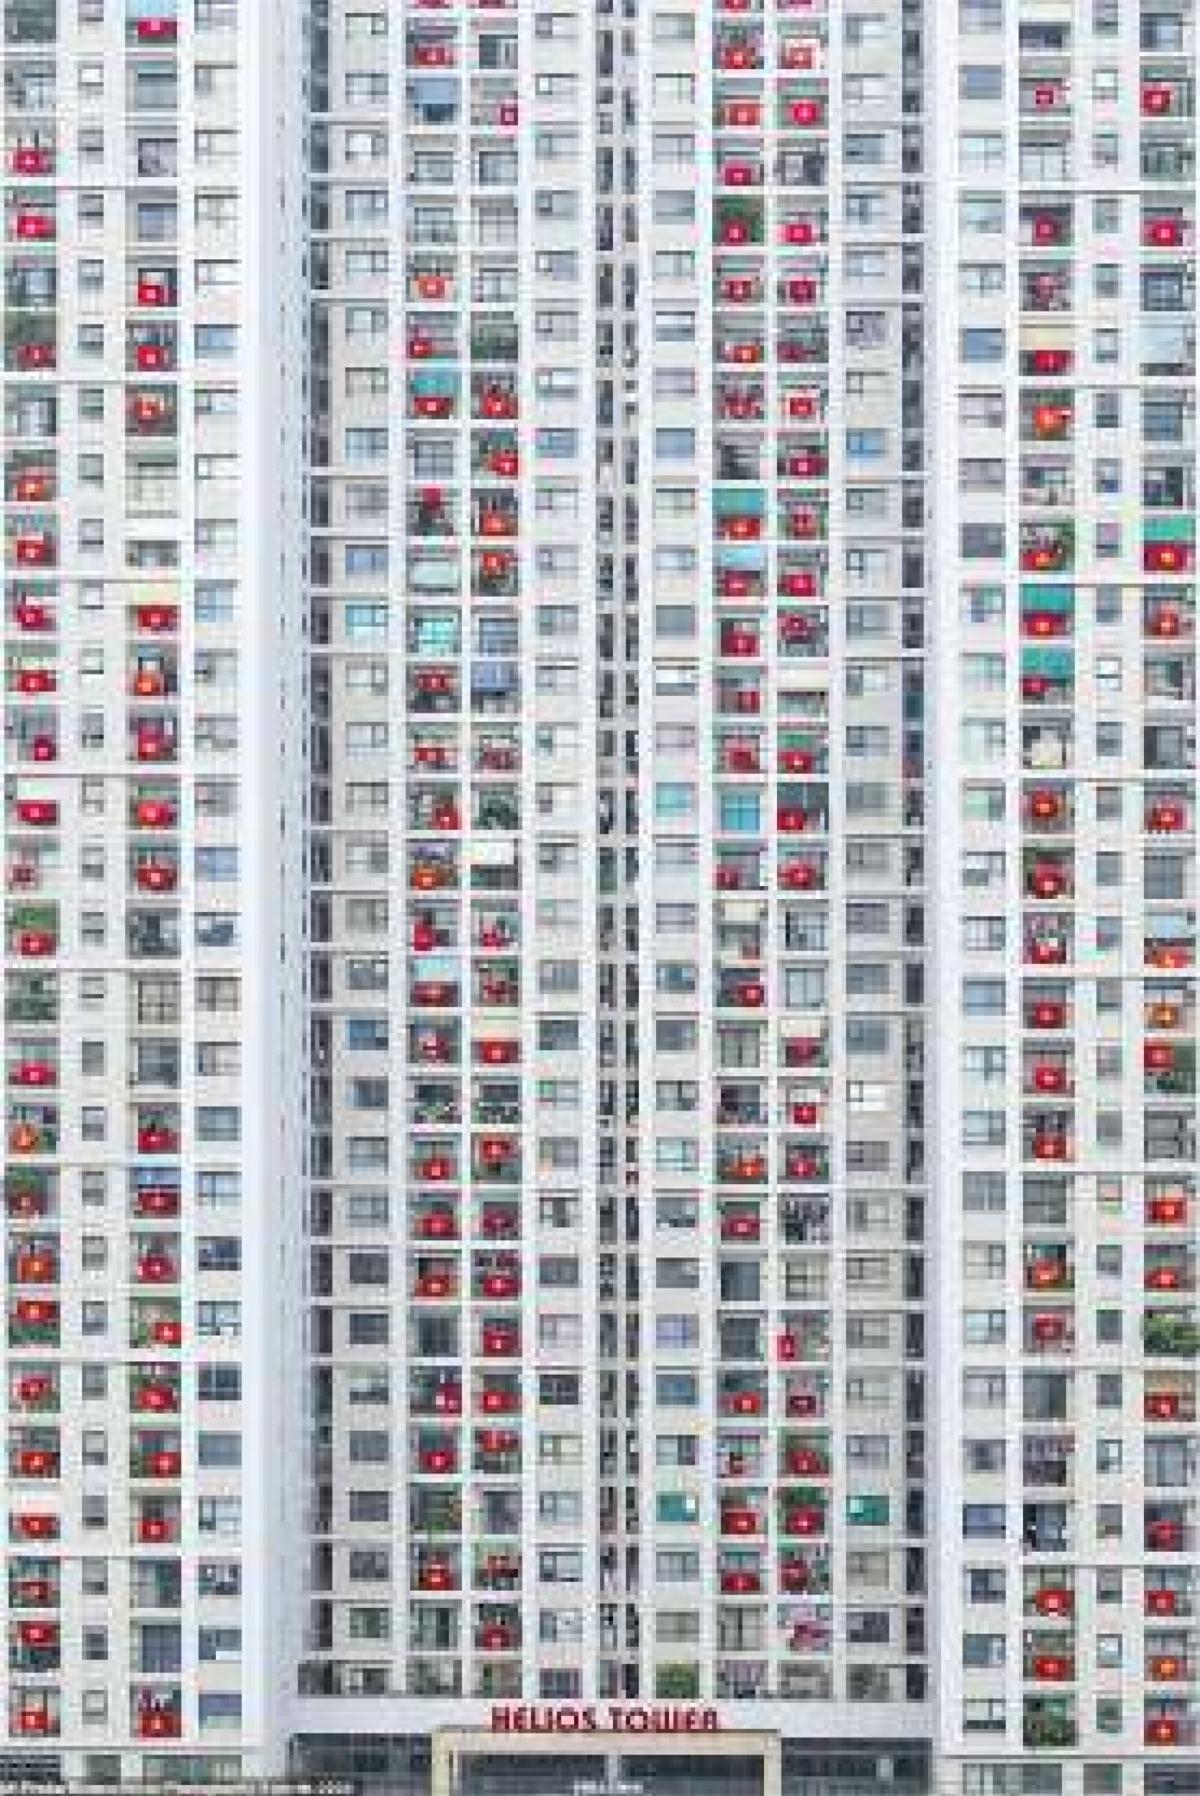 """Một trong những bức ảnh ấn tượng nhất với chủ đề Thế giới trong Lệnh phong tỏa của một người Ấn Độ tên là Prabu Mohan. Tác giả bức ảnh chia sẻ: """"Đây là tòa nhà gần nhà của tôi ở Việt Nam. Người dân của các tòa nhà này đã treo quốc kỳ Việt Nam để thể hiện sự khích lệ với những người chiến đấu chống dịch Covid-19 nơi tuyến đầu""""."""